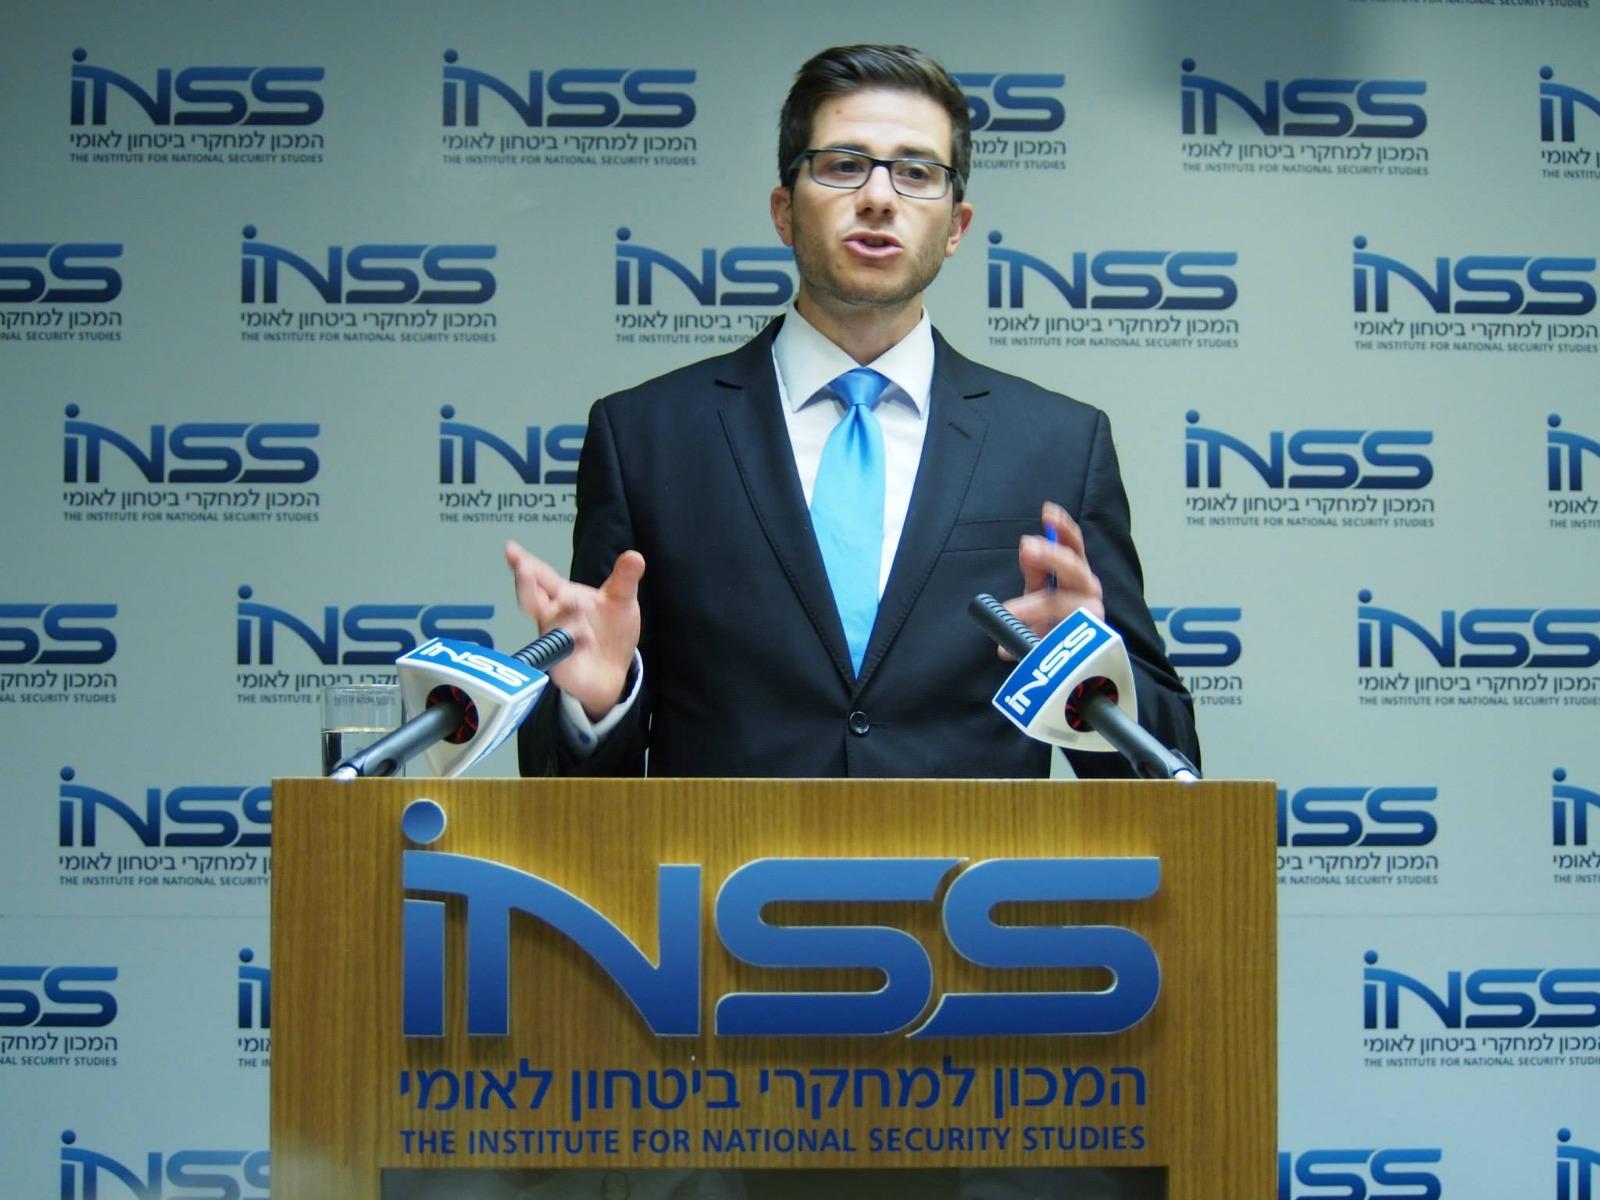 Un cristiano árabe será el embajador de Israel en un país musulmán